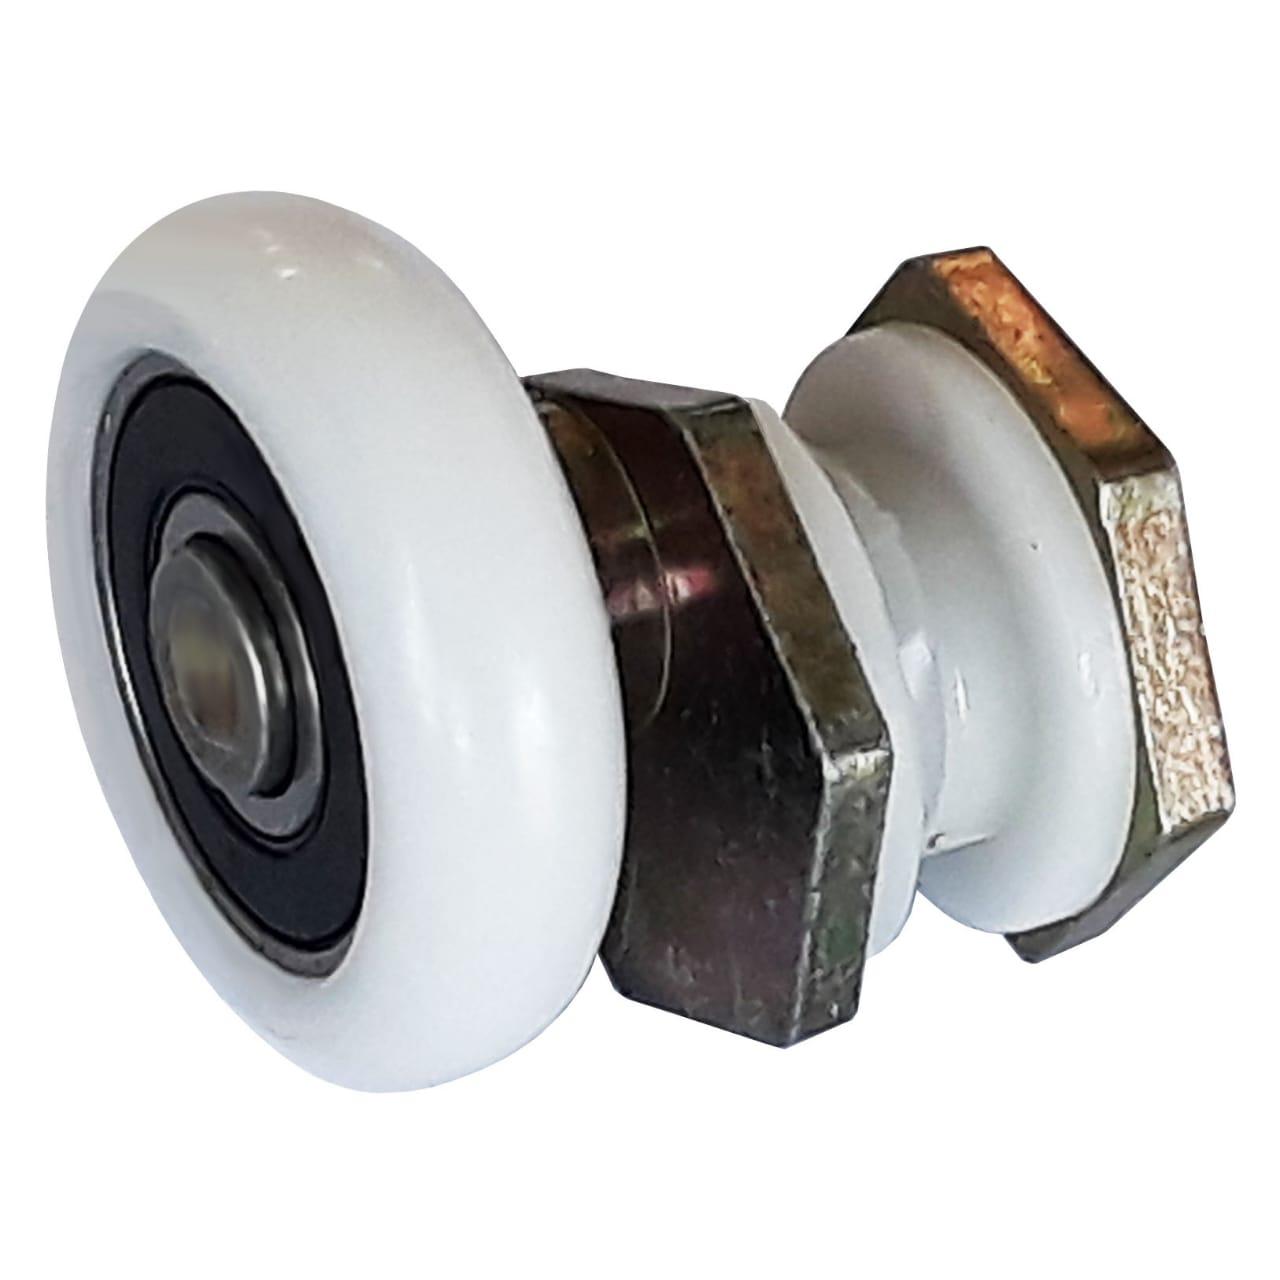 Roldana excêntrica de latão para vidros temperados e box de banheiro - 2 unidades